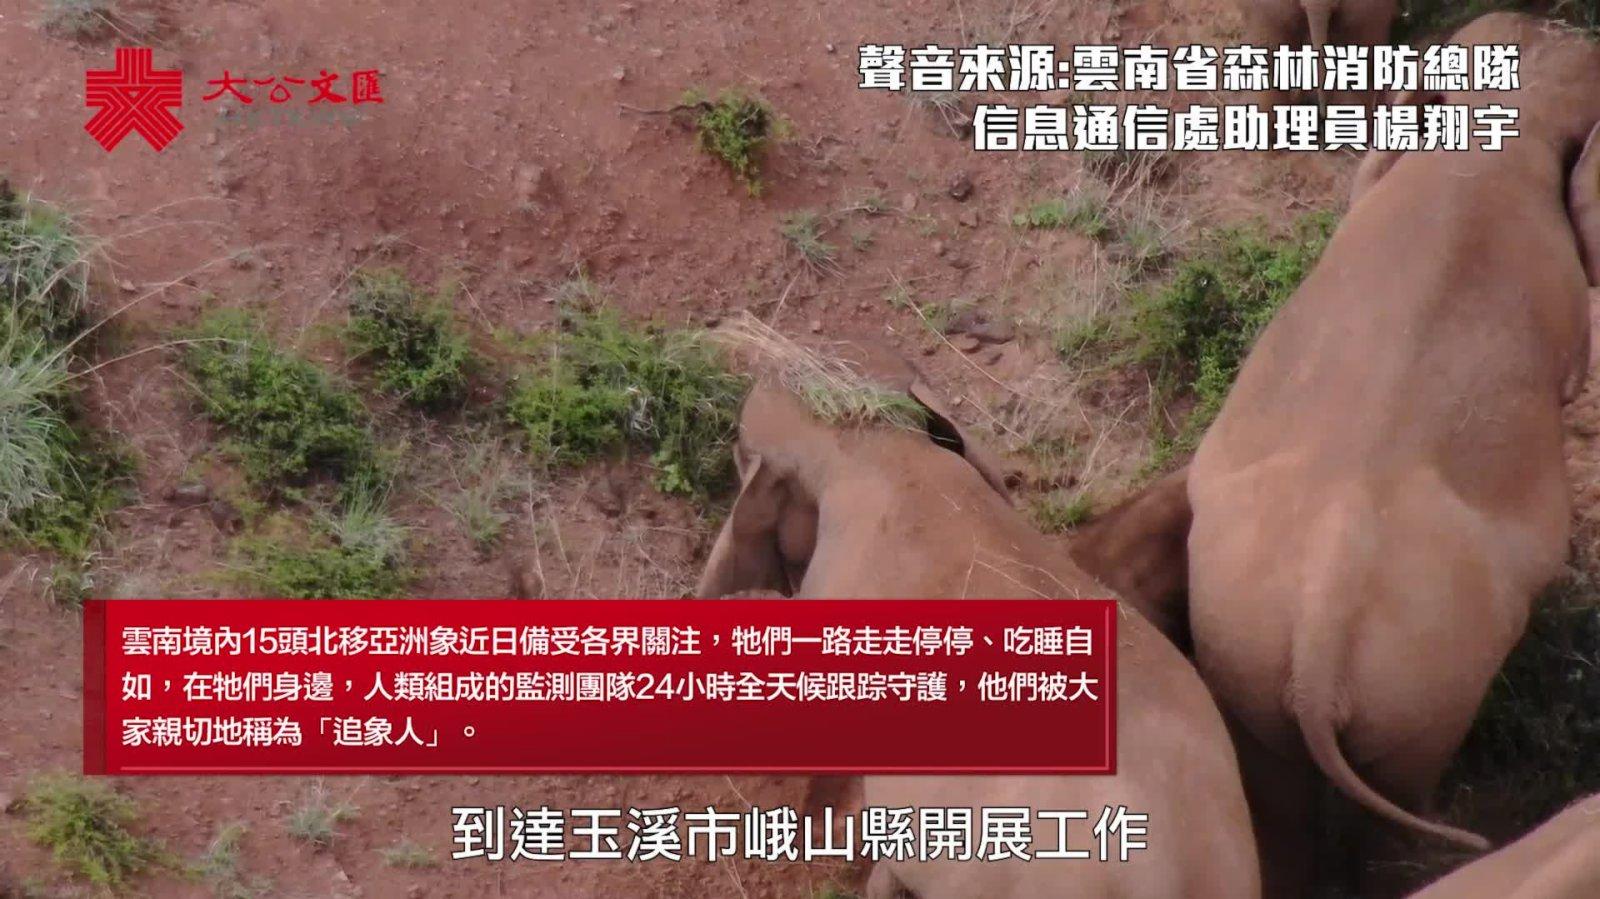 「象動我動,象停我不休」 這群「追象人」24小時隨象而動!